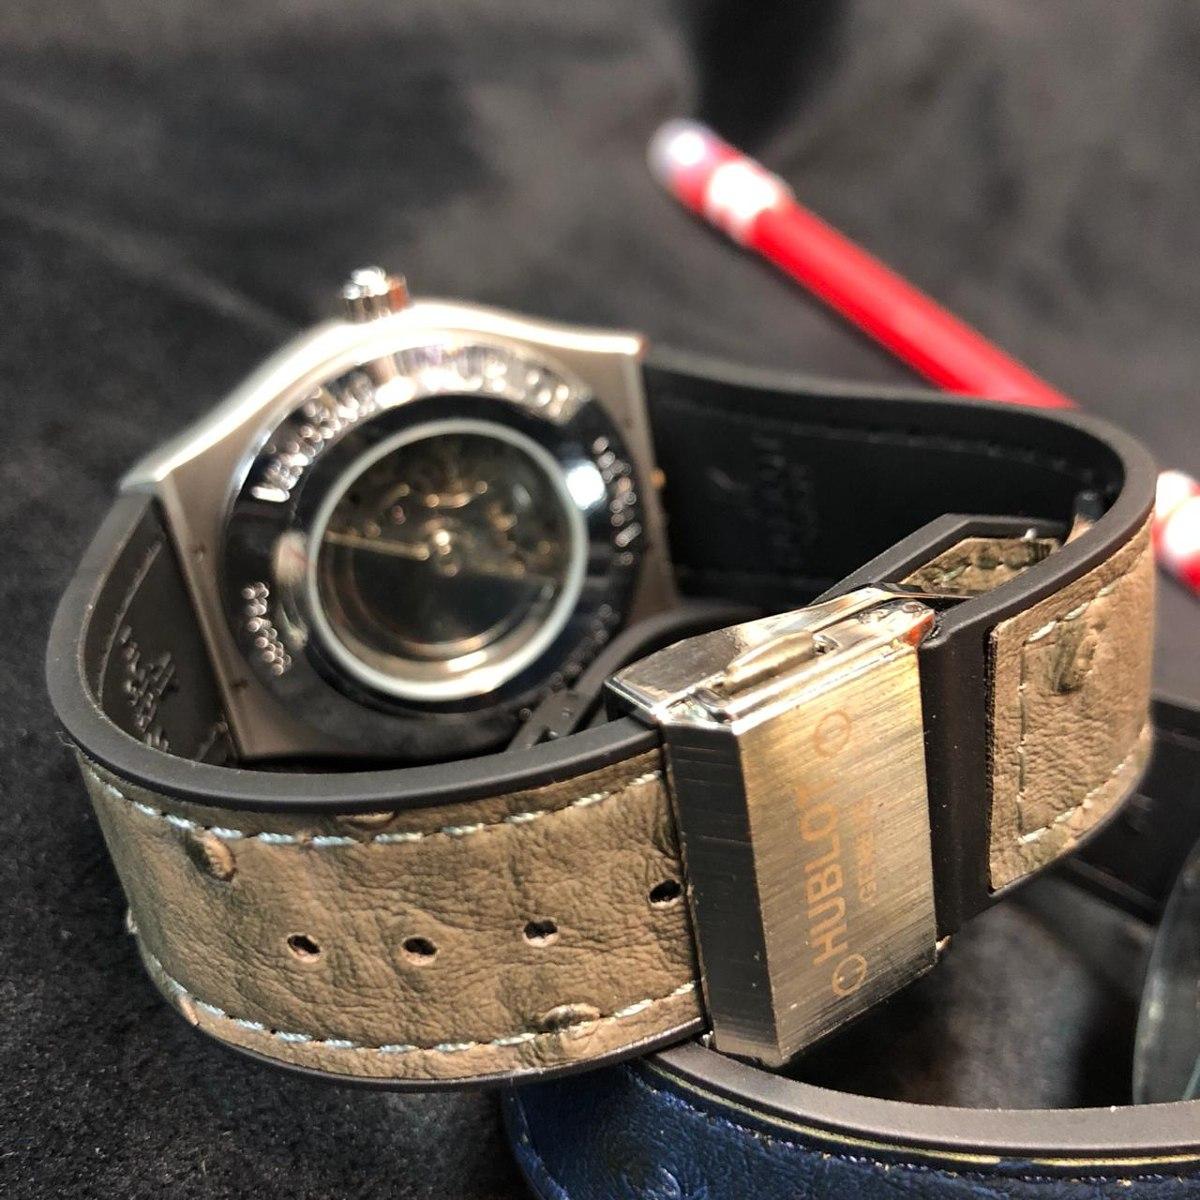 dbfec97713e relógio hublot automático sol e lua pulseira em couro. Carregando zoom.